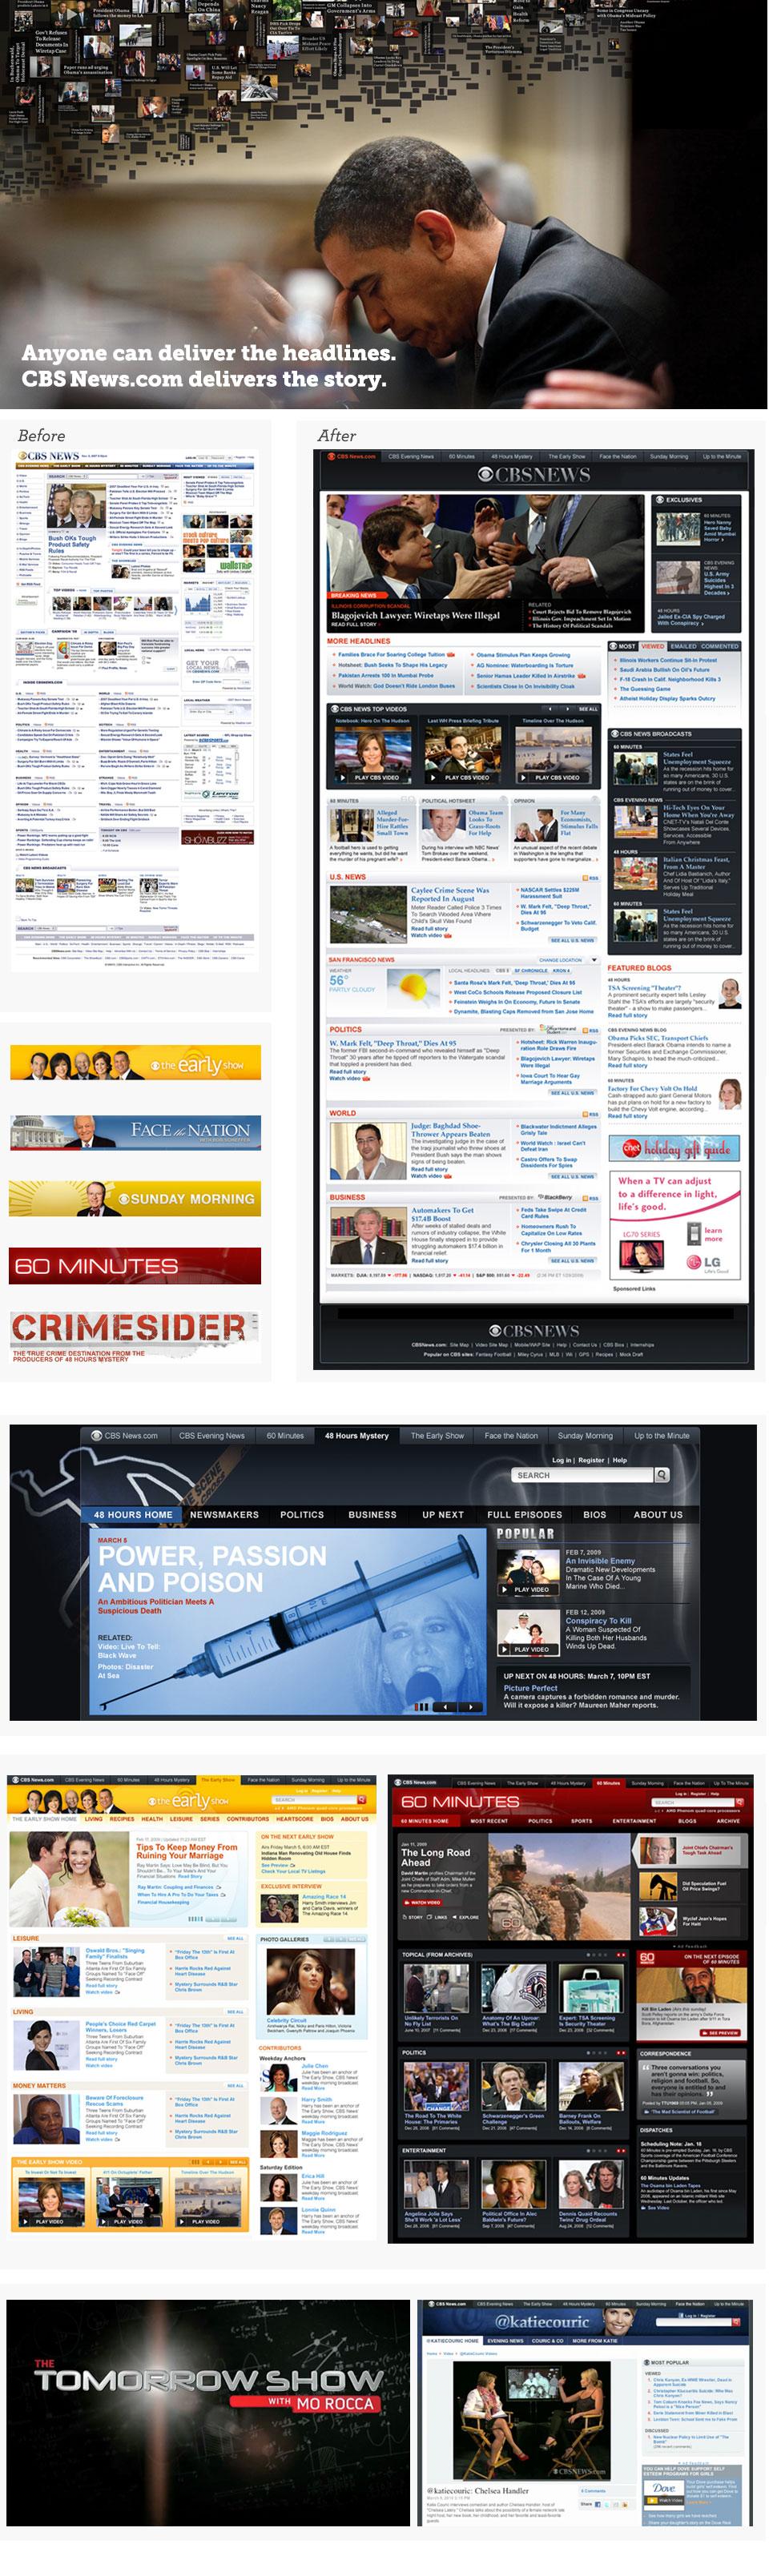 CBSNews.com redesign